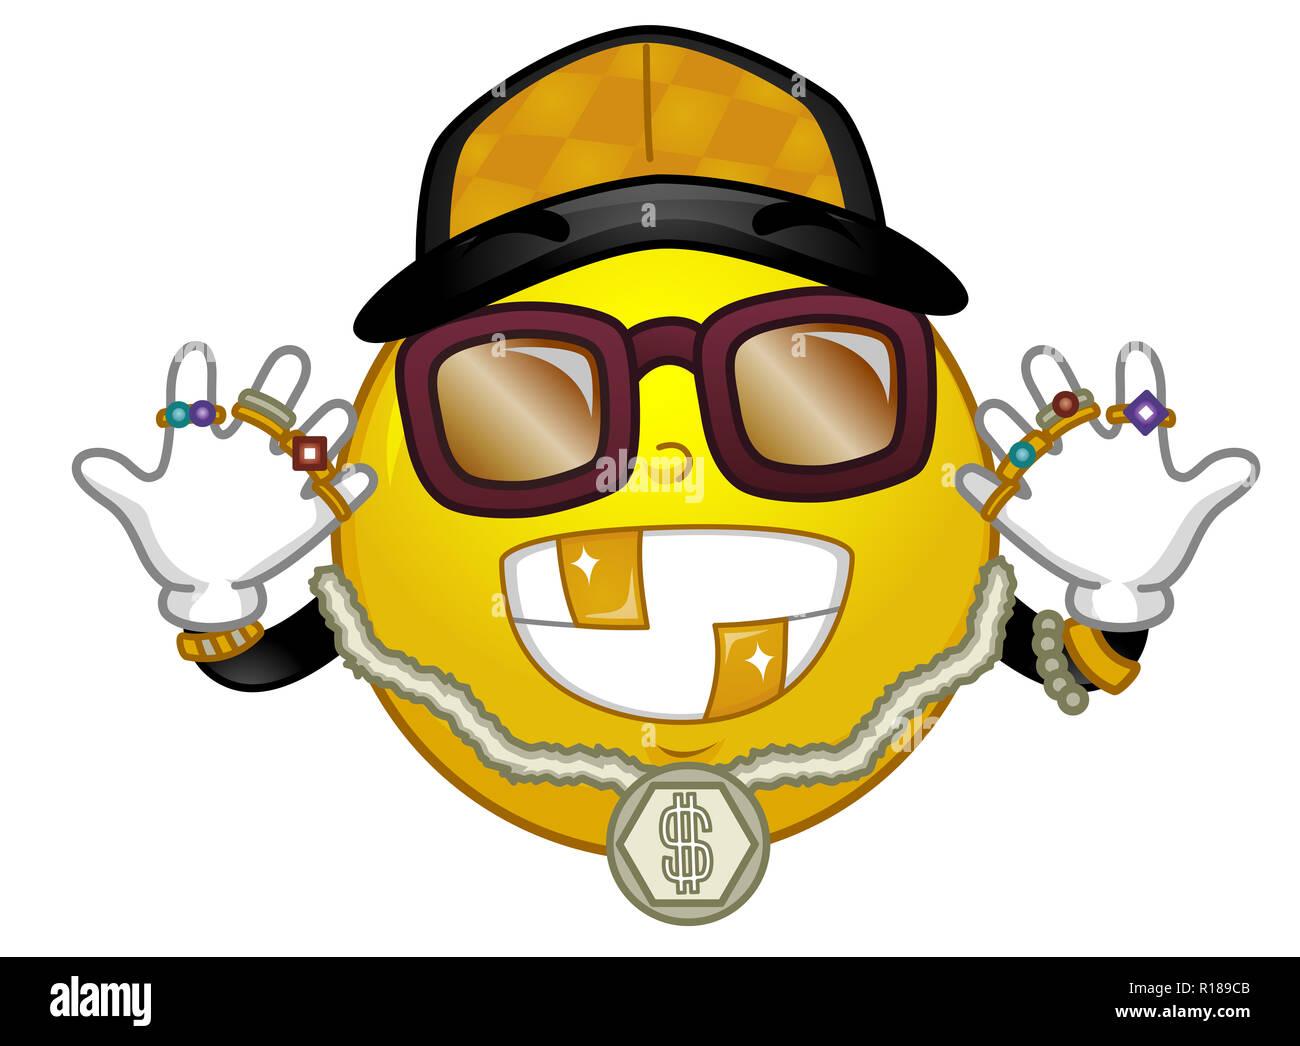 Ilustración de una mascota Smiley vistiendo Collar de Oro 33bf70dc65d